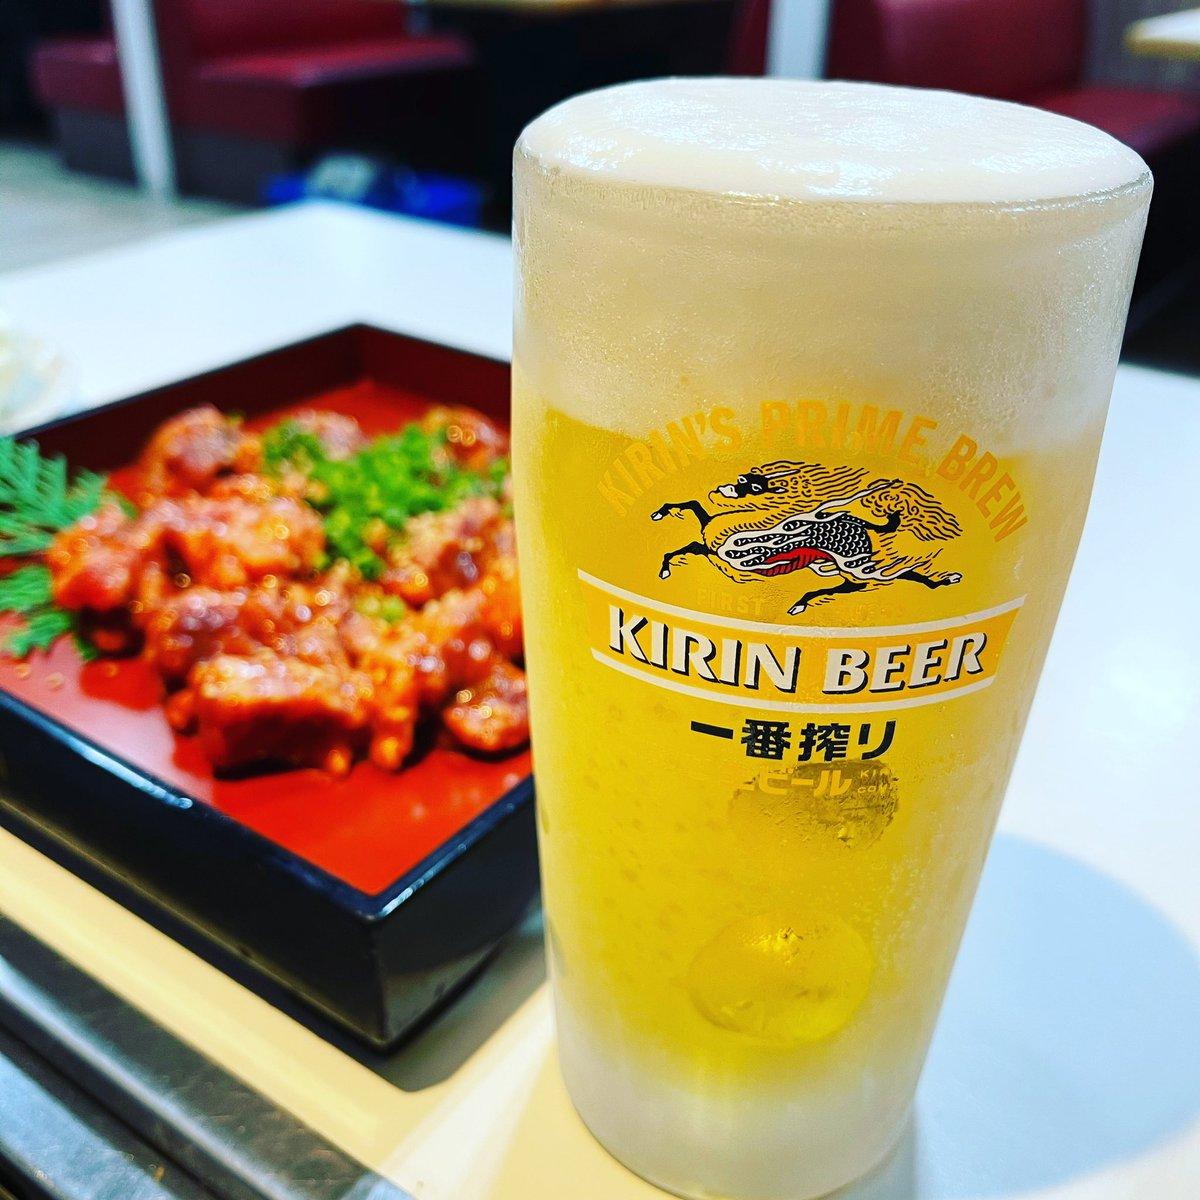 今日はビールに焼き肉‼あ〜〜〜〜〜❗❗婚活どげんしてんうまくいかん。何が、縁を感じませんでしたかよ〜なんかそんな言われると、何よ!って思うよね😄まあ、だよね〜縁がなかったとよね〜そげな縁はいらん笑。ビールでんのんで、きぶんよくなろ〜#婚活#難しい#えん#宮崎市